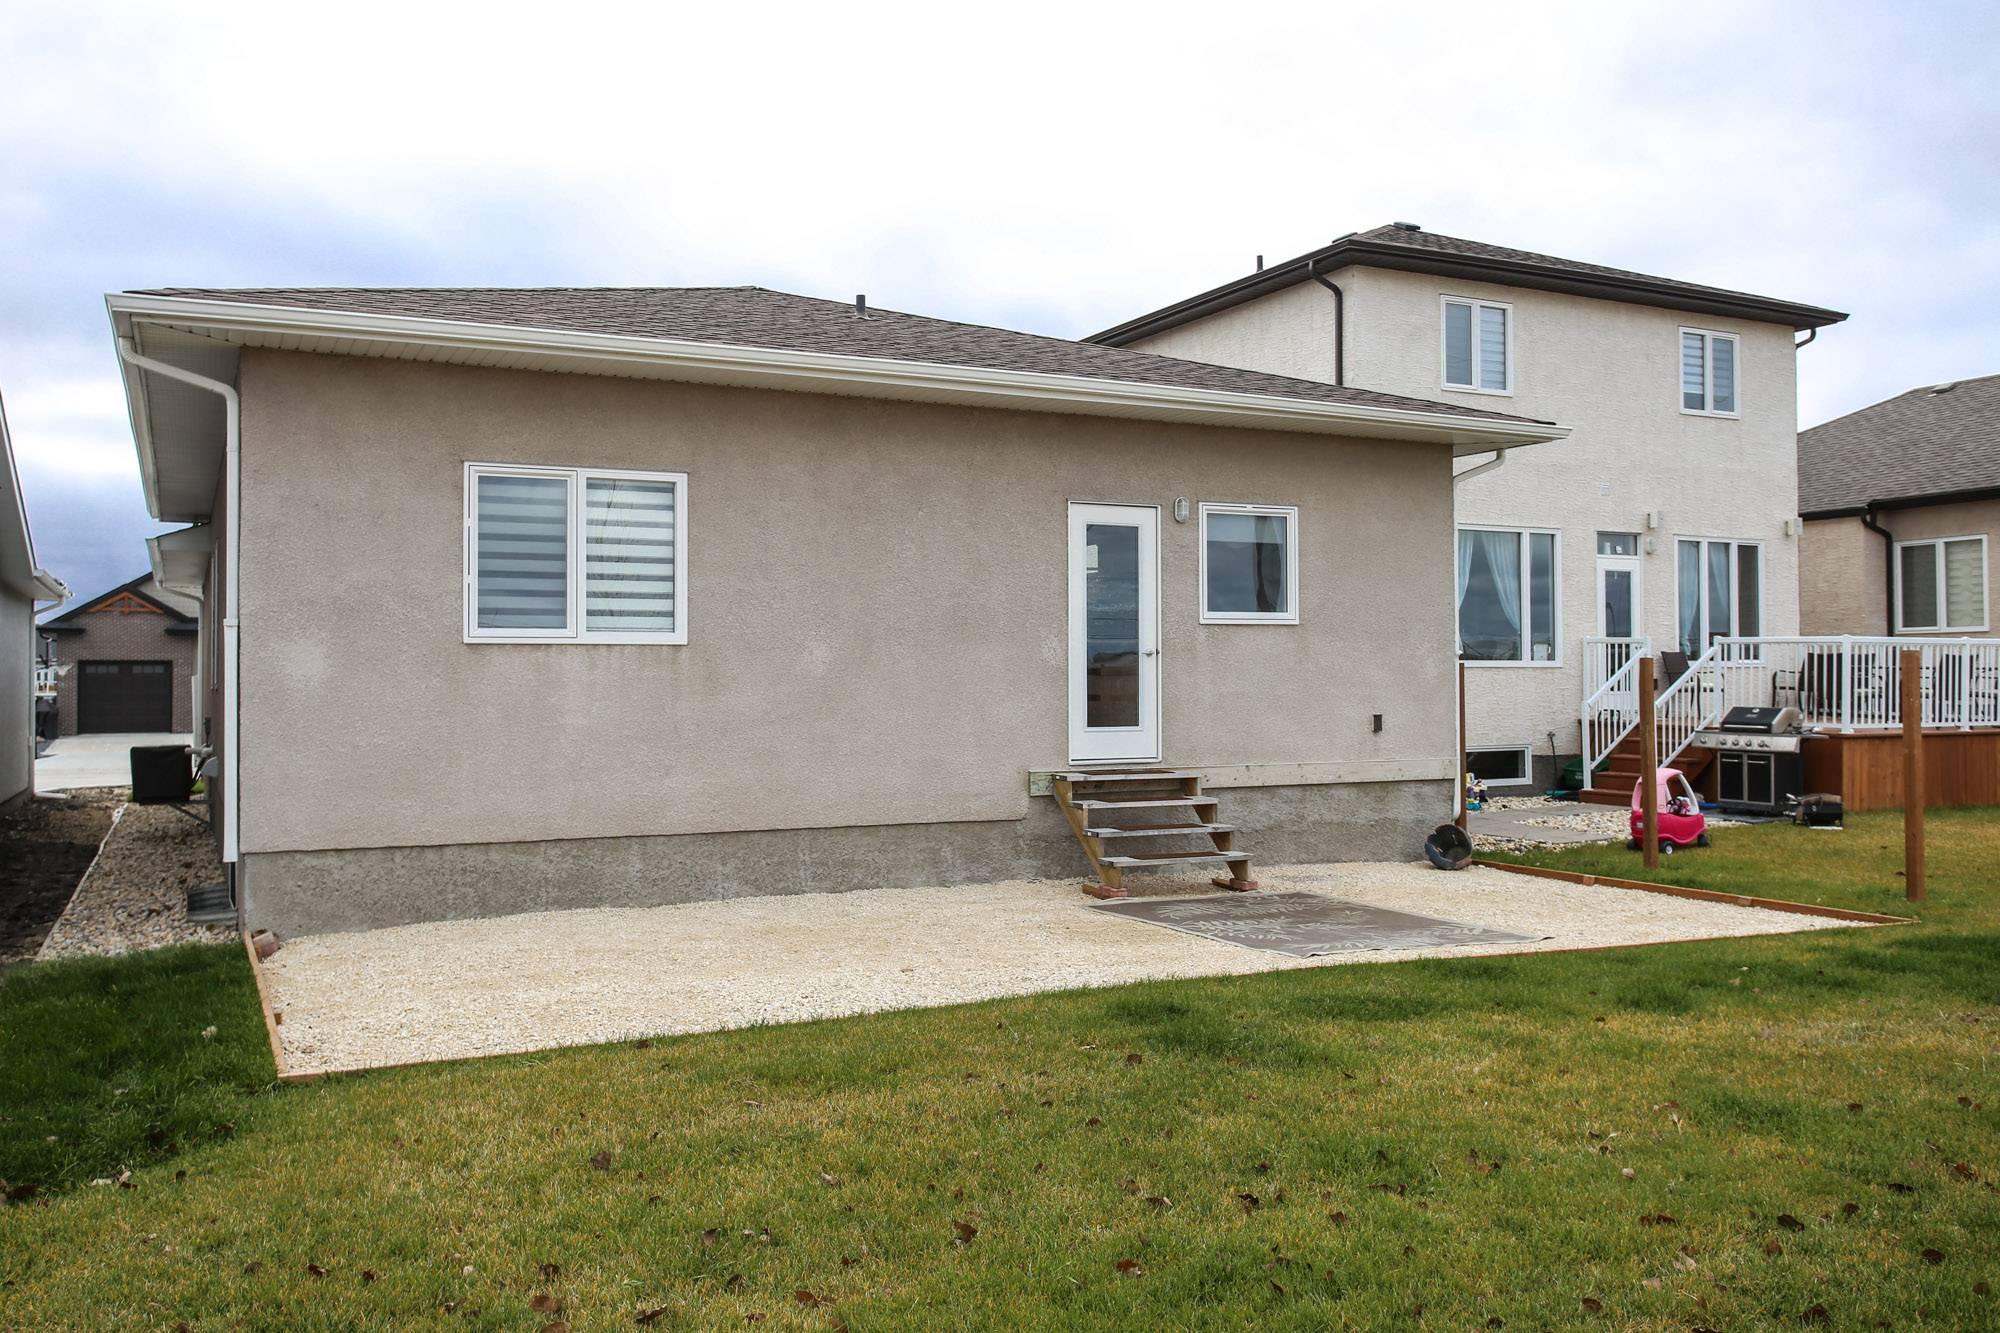 134 Phillip Lee Drive, Winnipeg, Manitoba  r3w 0j1 - Photo 24 - 1831033